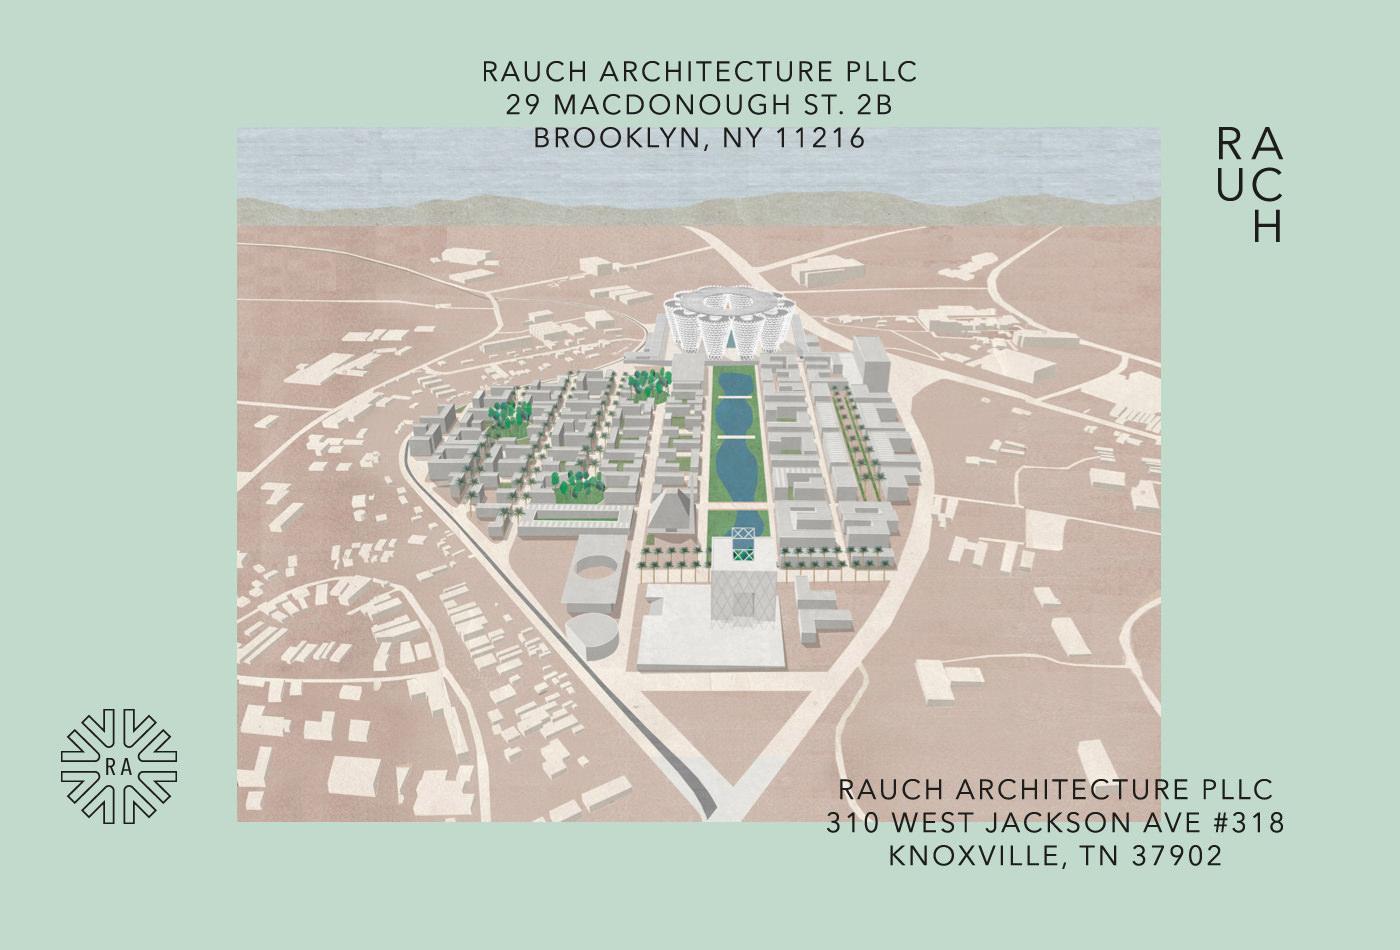 ra-rauch-architecture-matthew-rauch-architecture-pllc-nyc-brooklyn-knx-architect-ppx-modernism-passengerpigeonx-vacaliebres-marks-schematic-midcentury-1